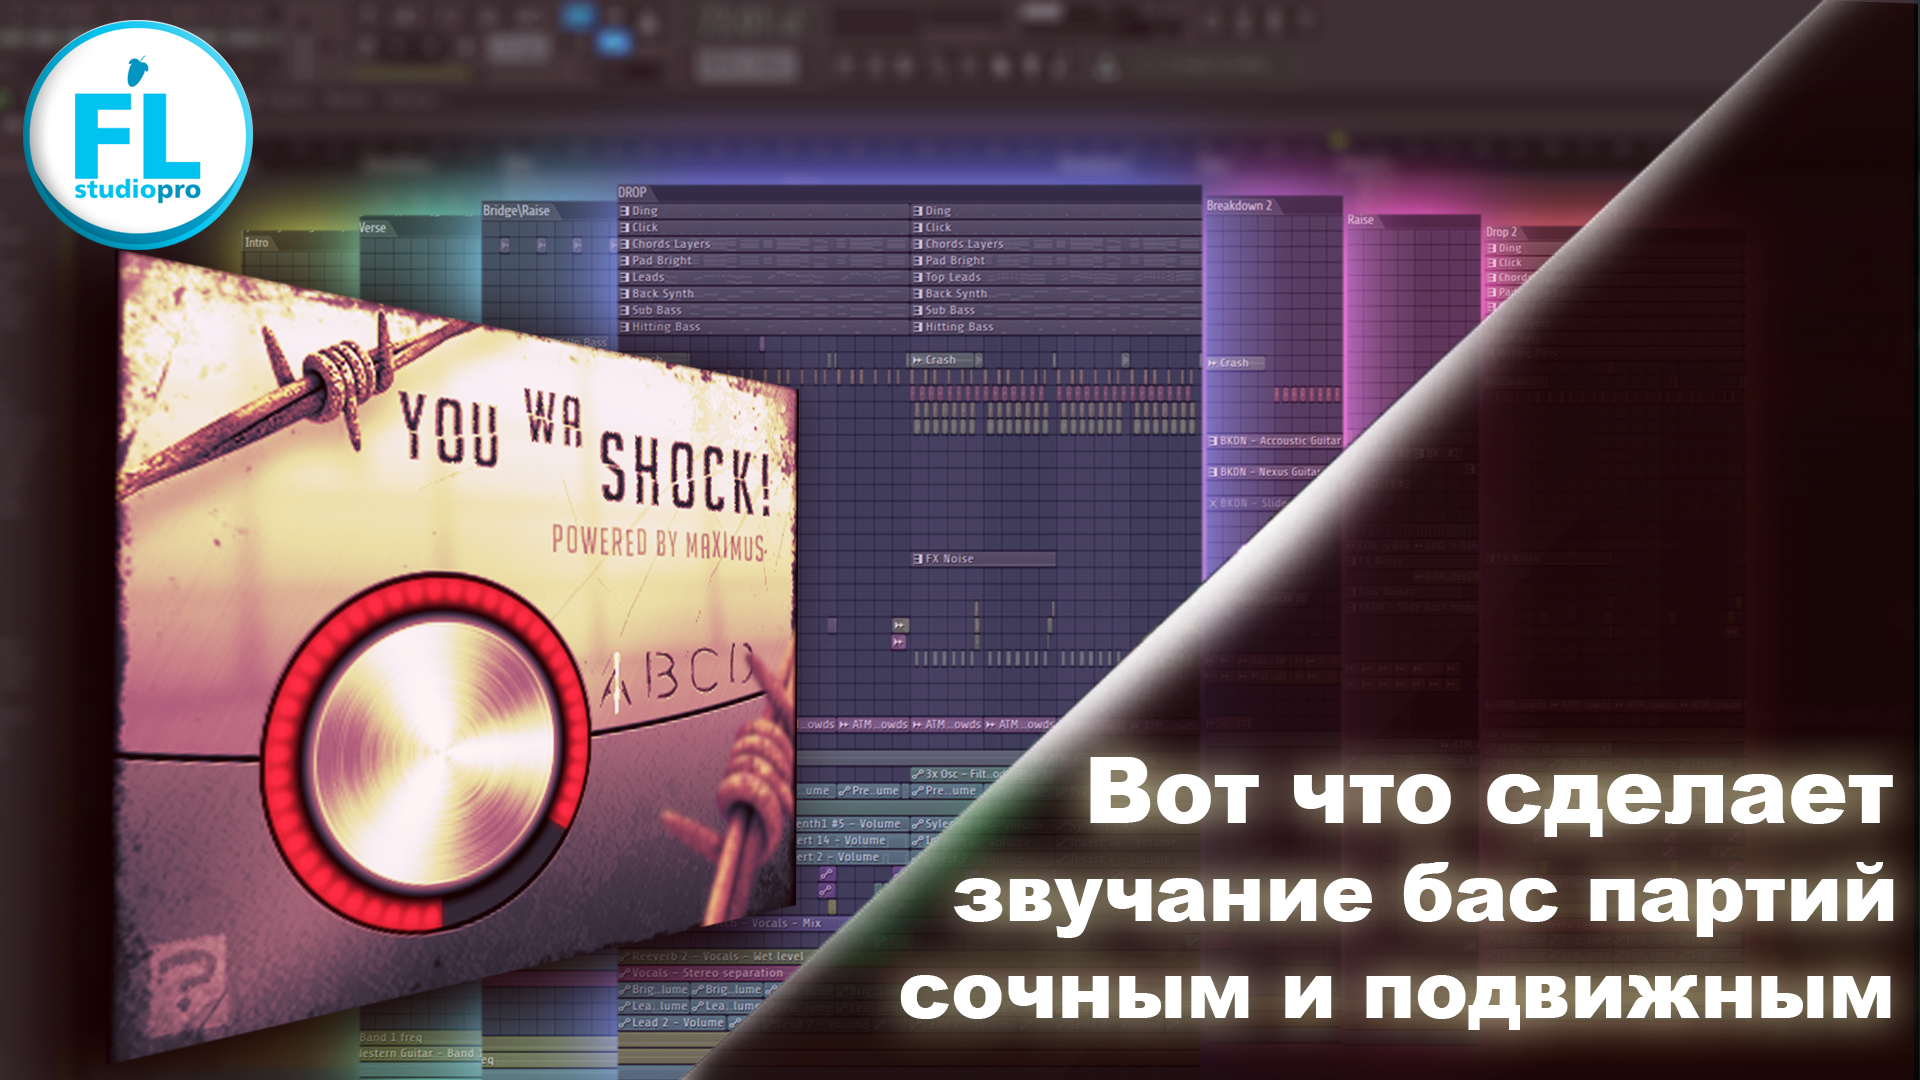 Как сделать 808 басс в fl studio фото 742